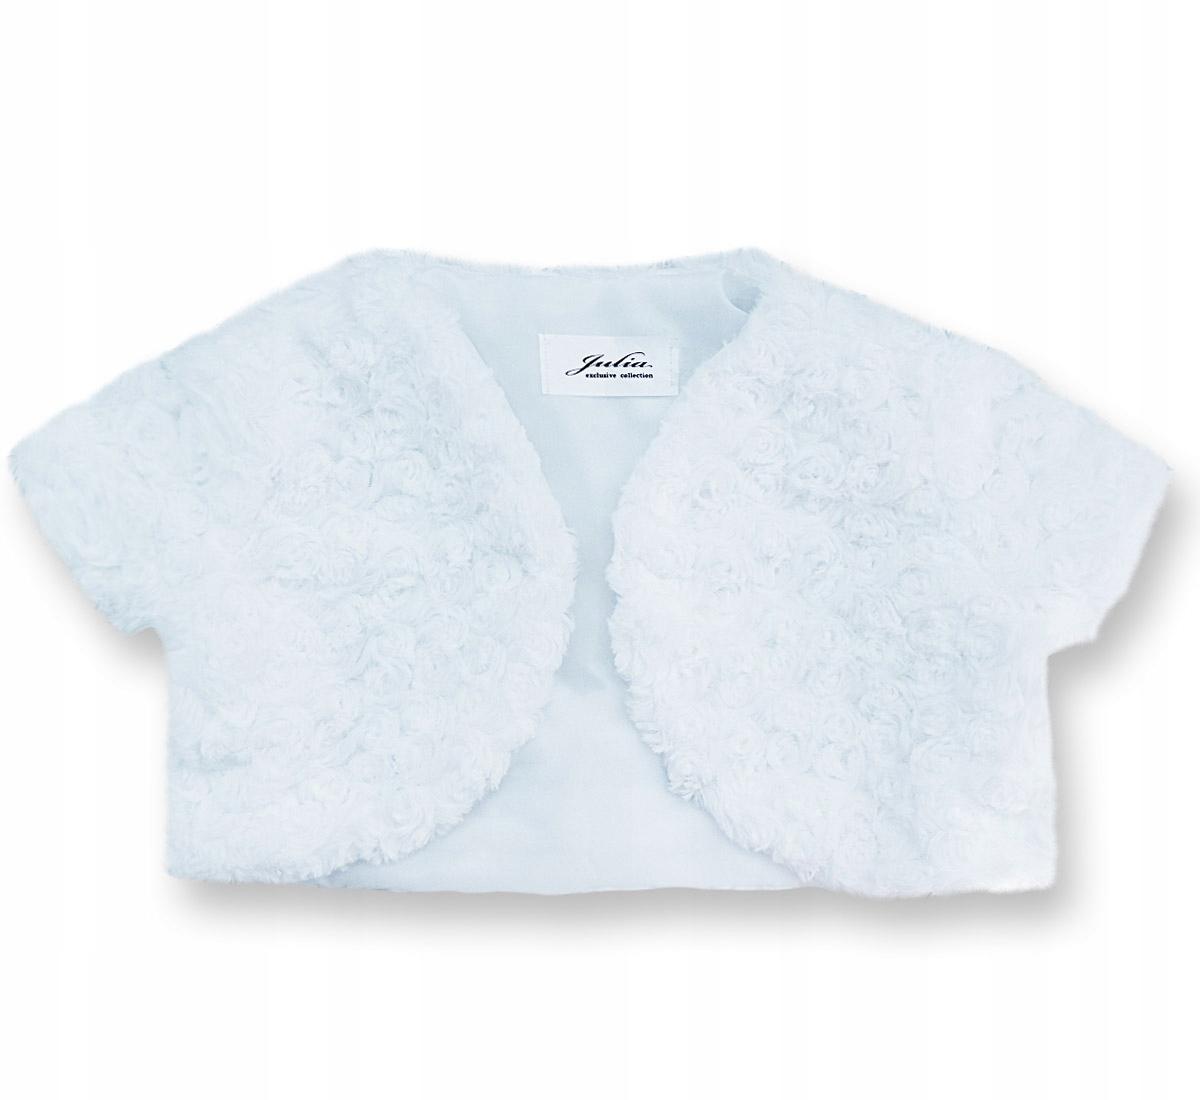 a4b3f04017 68 Sweterek Bolerko na chrzest różyczki - białe - 7385389880 ...